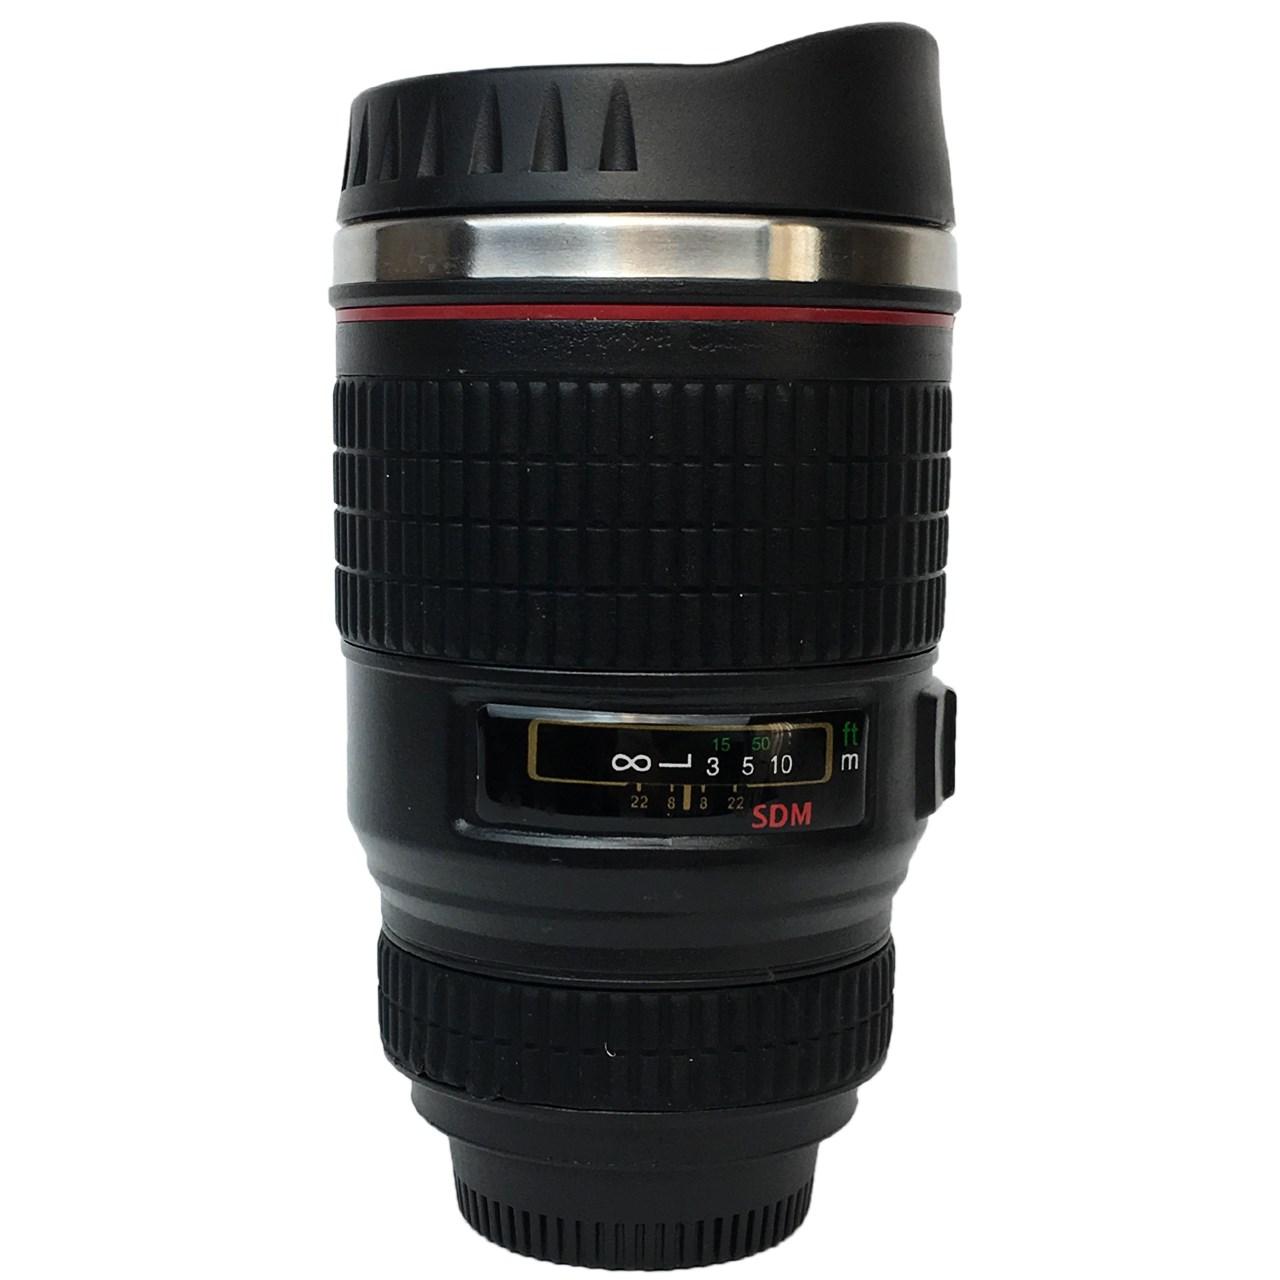 ماگ لنز دوربین مدل Lens cup